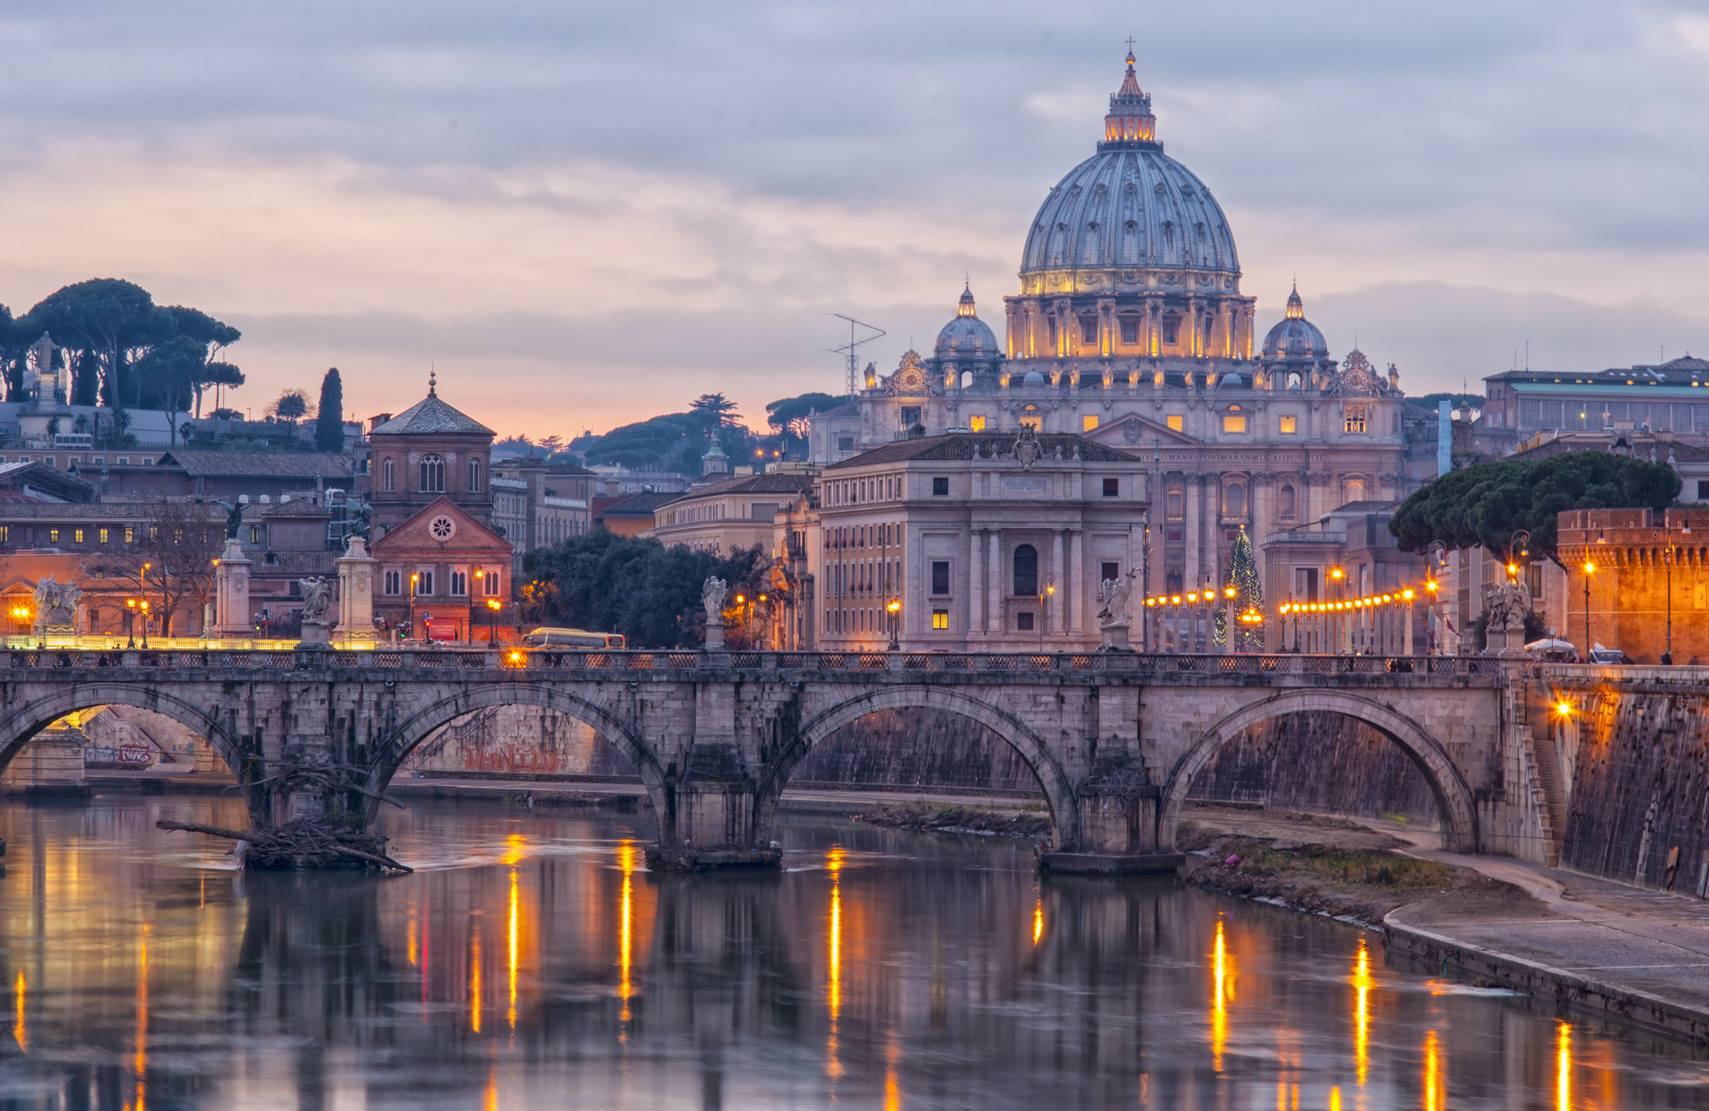 פאר איטלקי: מלון Leon's Place Hotel ברומא